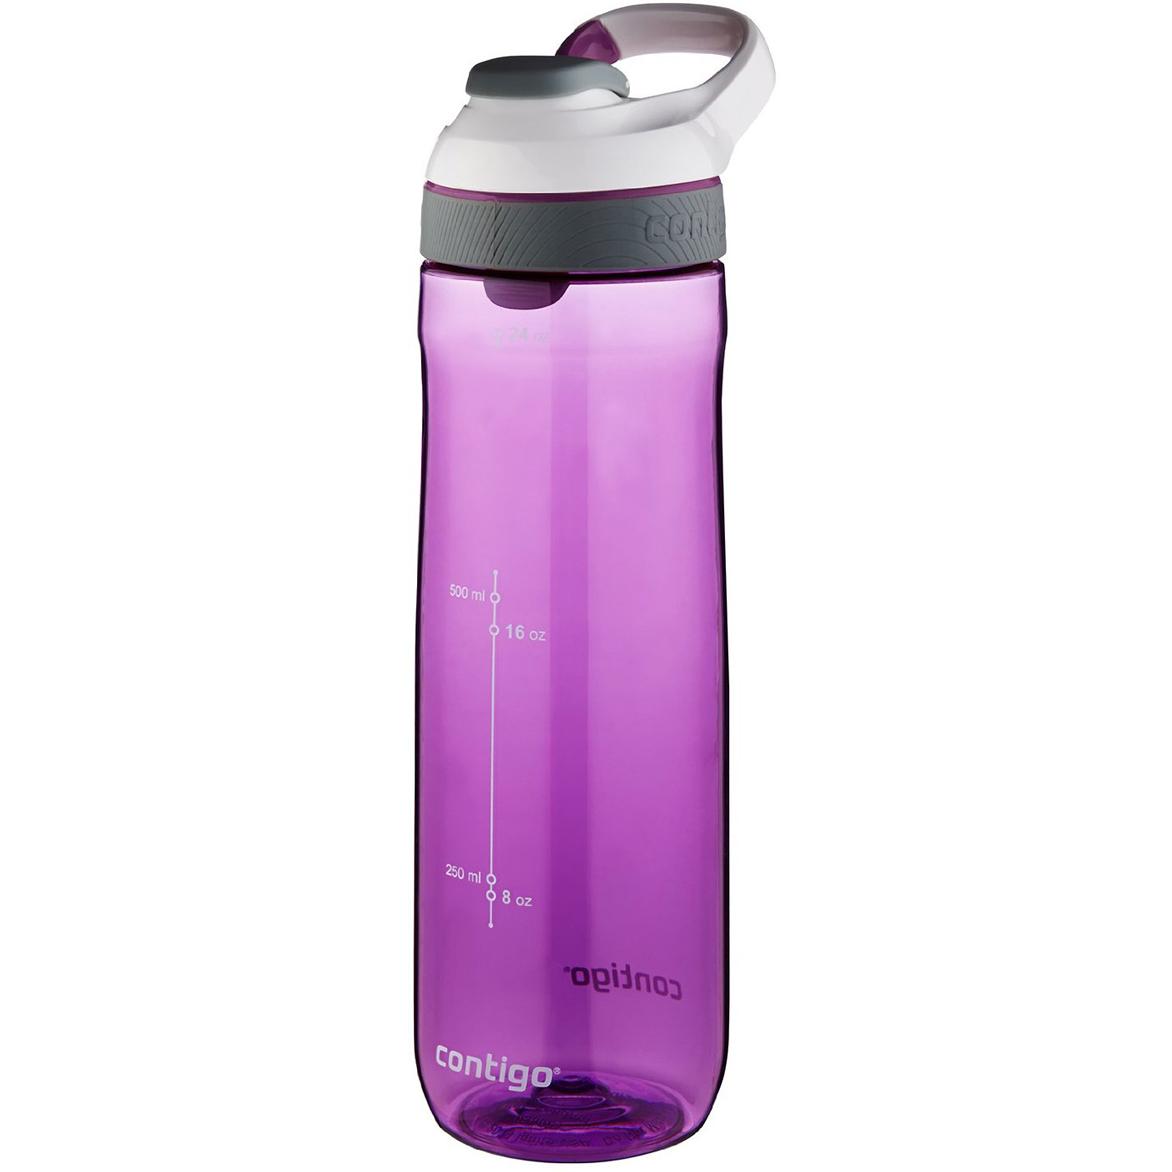 contigo autoseal water bottle review